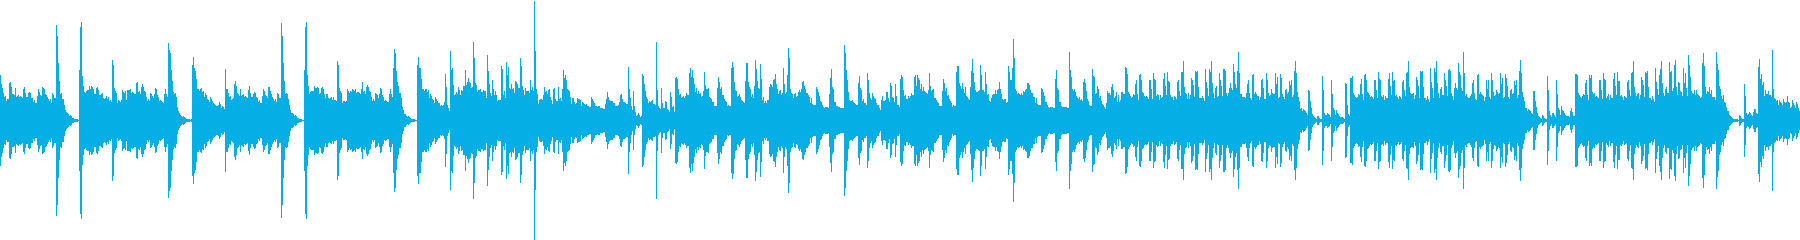 カジノトランプゲームBGM(ループ)の再生済みの波形